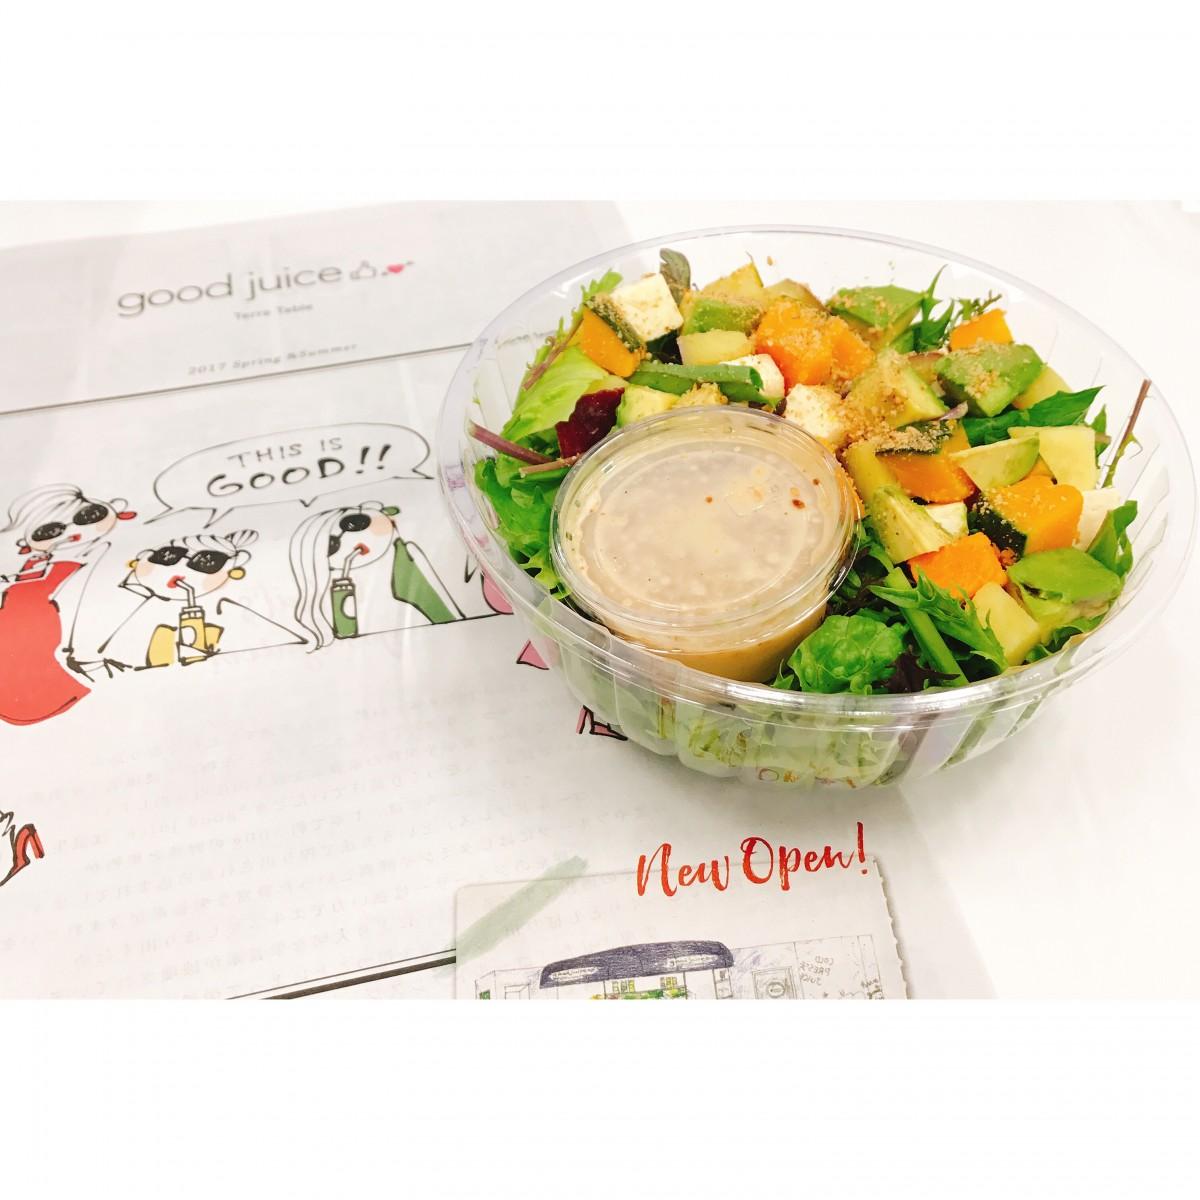 一日分の野菜をランチで摂取♪そして、その他の良質なお弁当~goodjuice terre table~